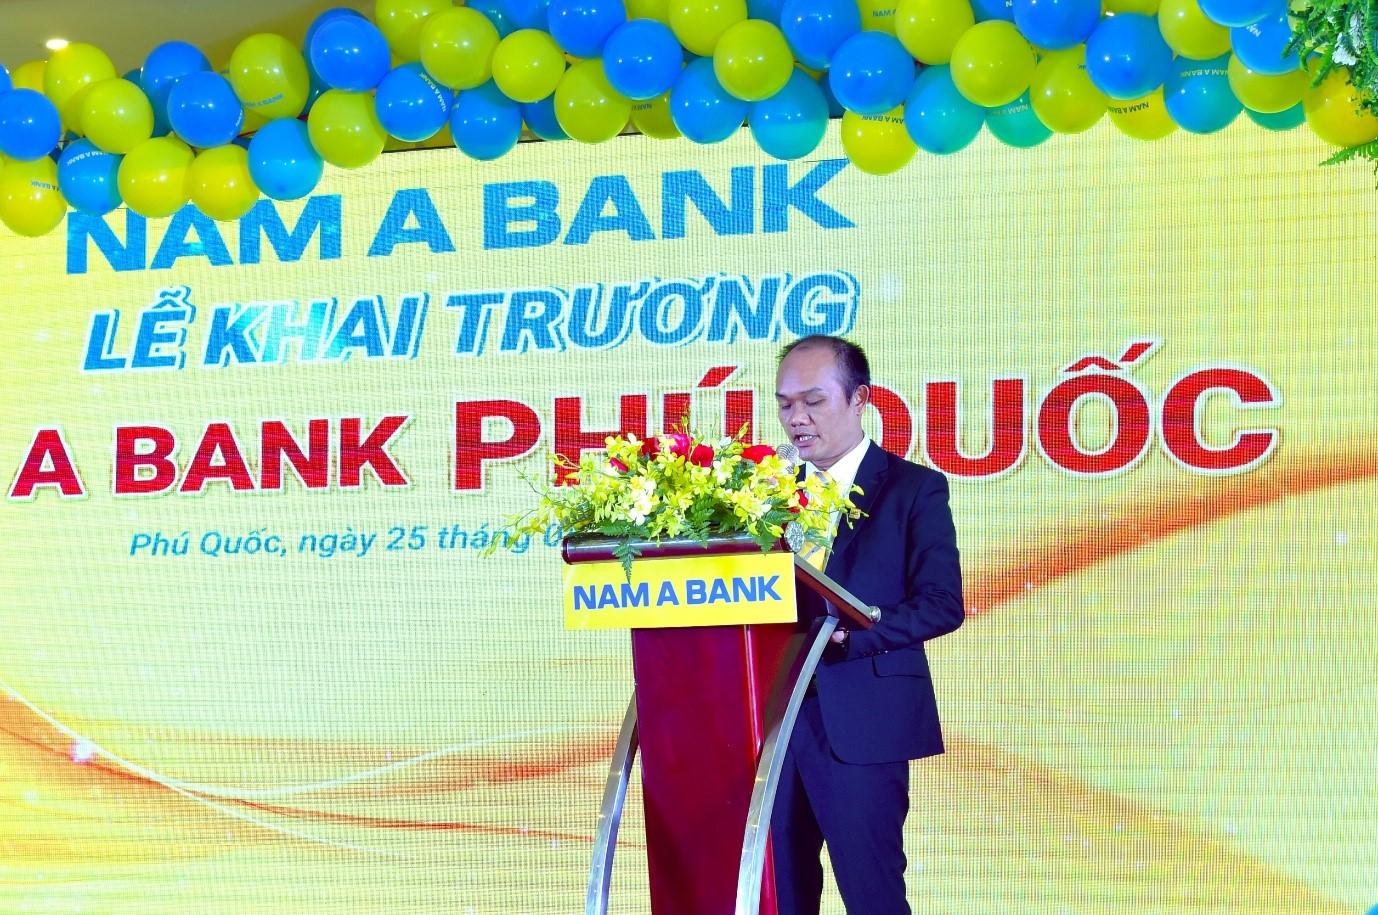 Ông Trần Quang Duy – Giám đốc Nam A Bank Phú Quốc cam kết sẽ cùng toàn đội ngũ nỗ lực mang đến sự trải nghiệm tốt nhất cho khách hàng.